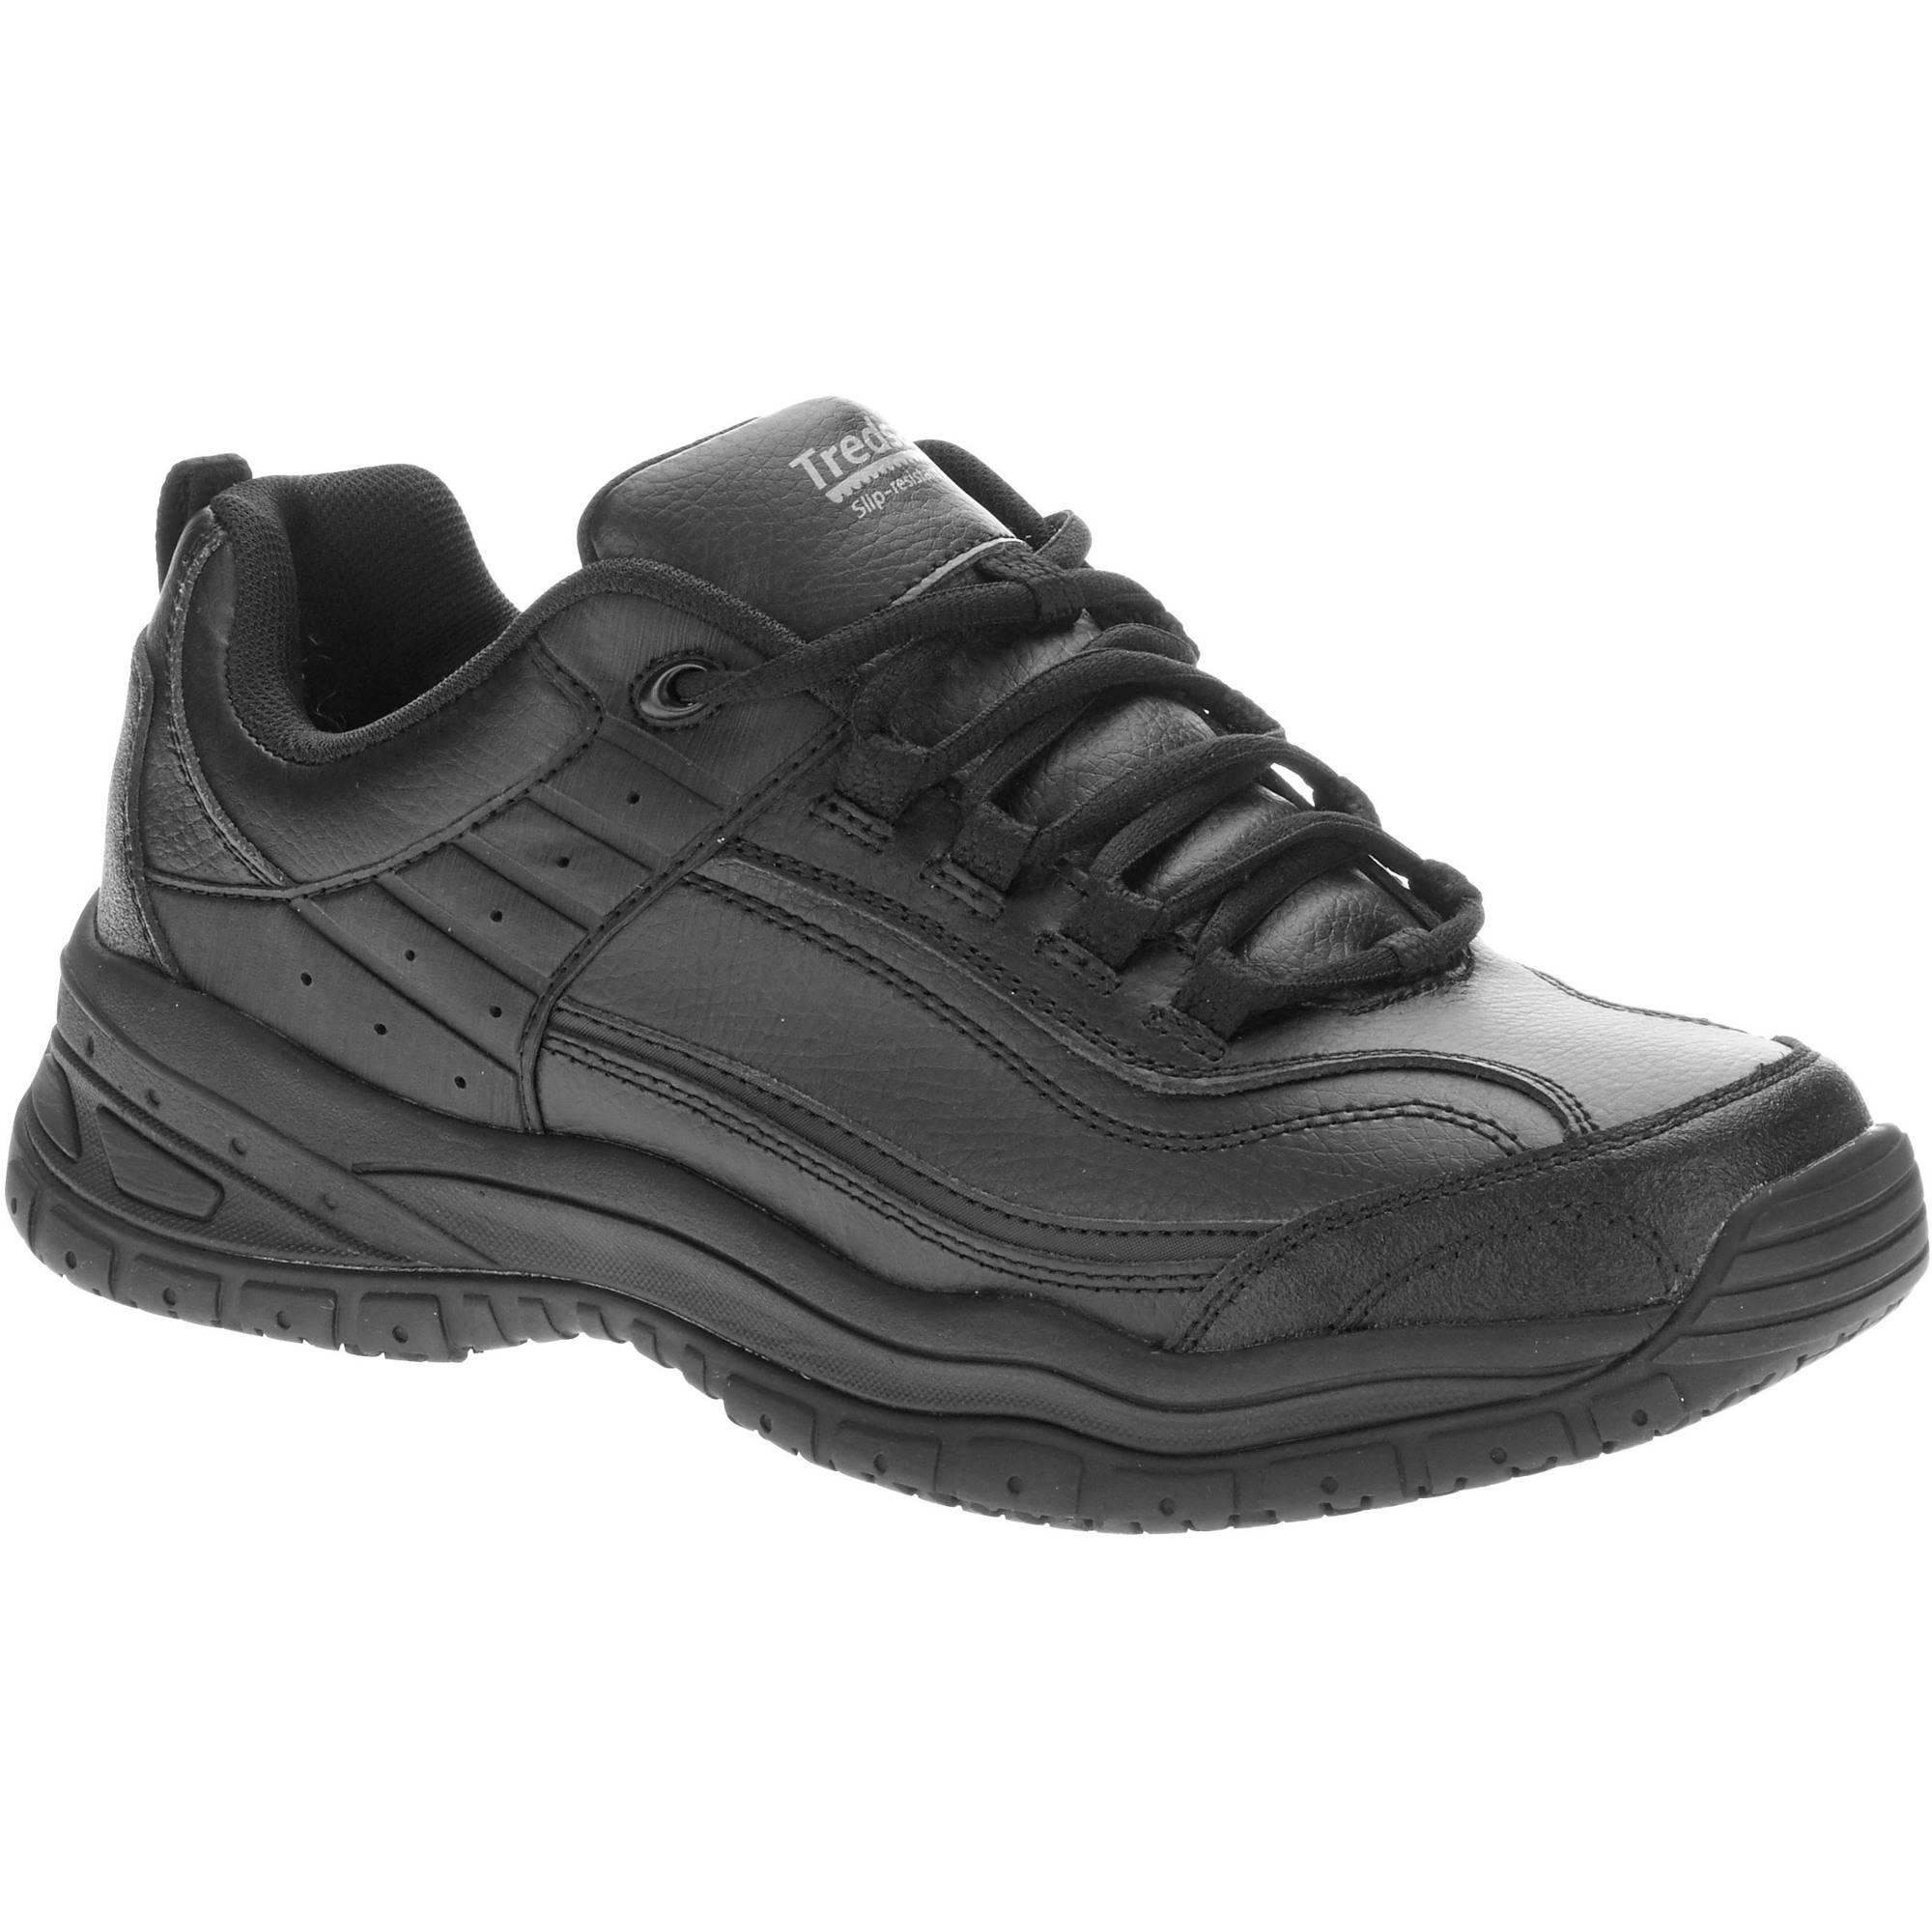 Tredsafe Men's Grasp Slip Resistant Work Boot